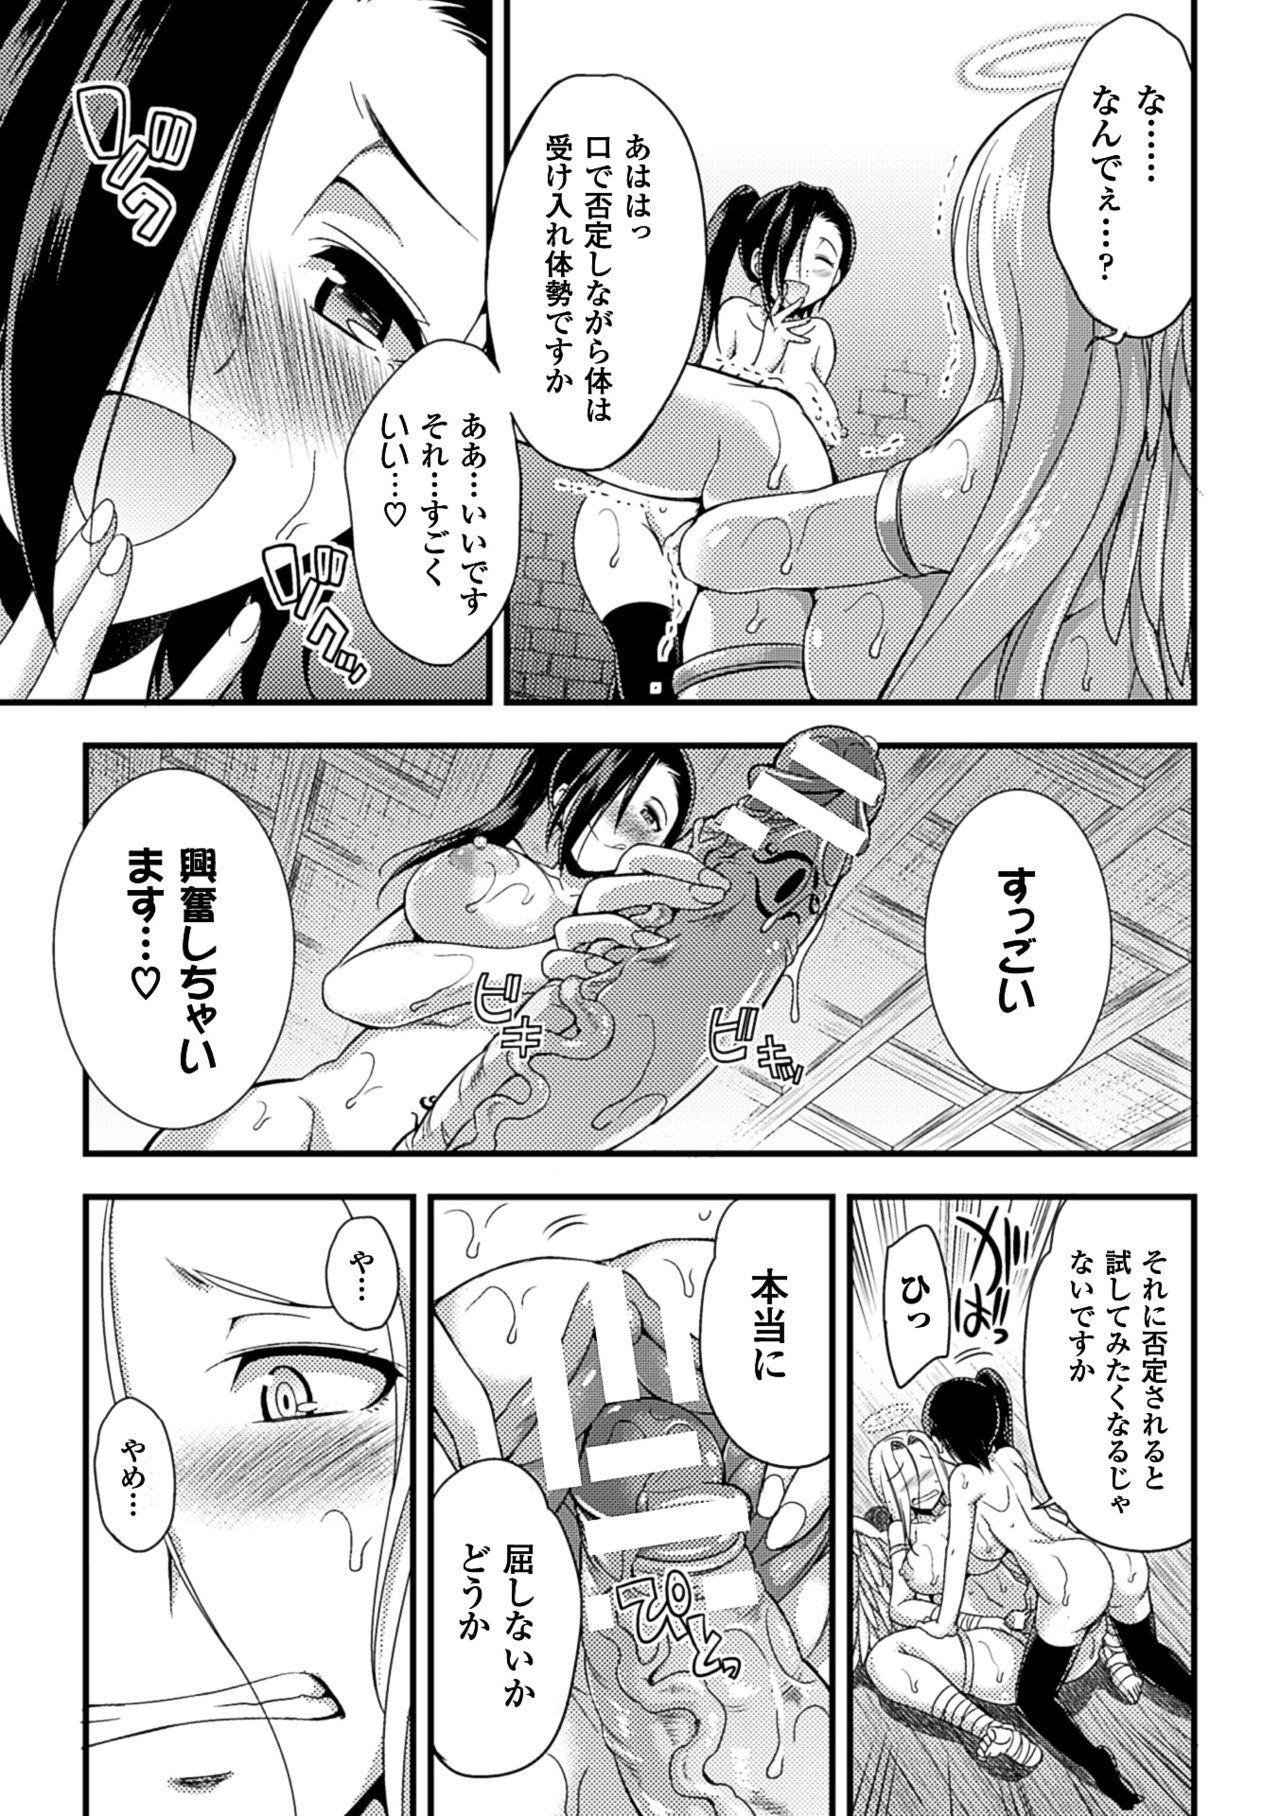 2D Comic Magazine Jingai Musume Haramase Kedakaki Mesu-tachi wa Ningen Kodane ni Kuppuku Suru Vol. 2 21